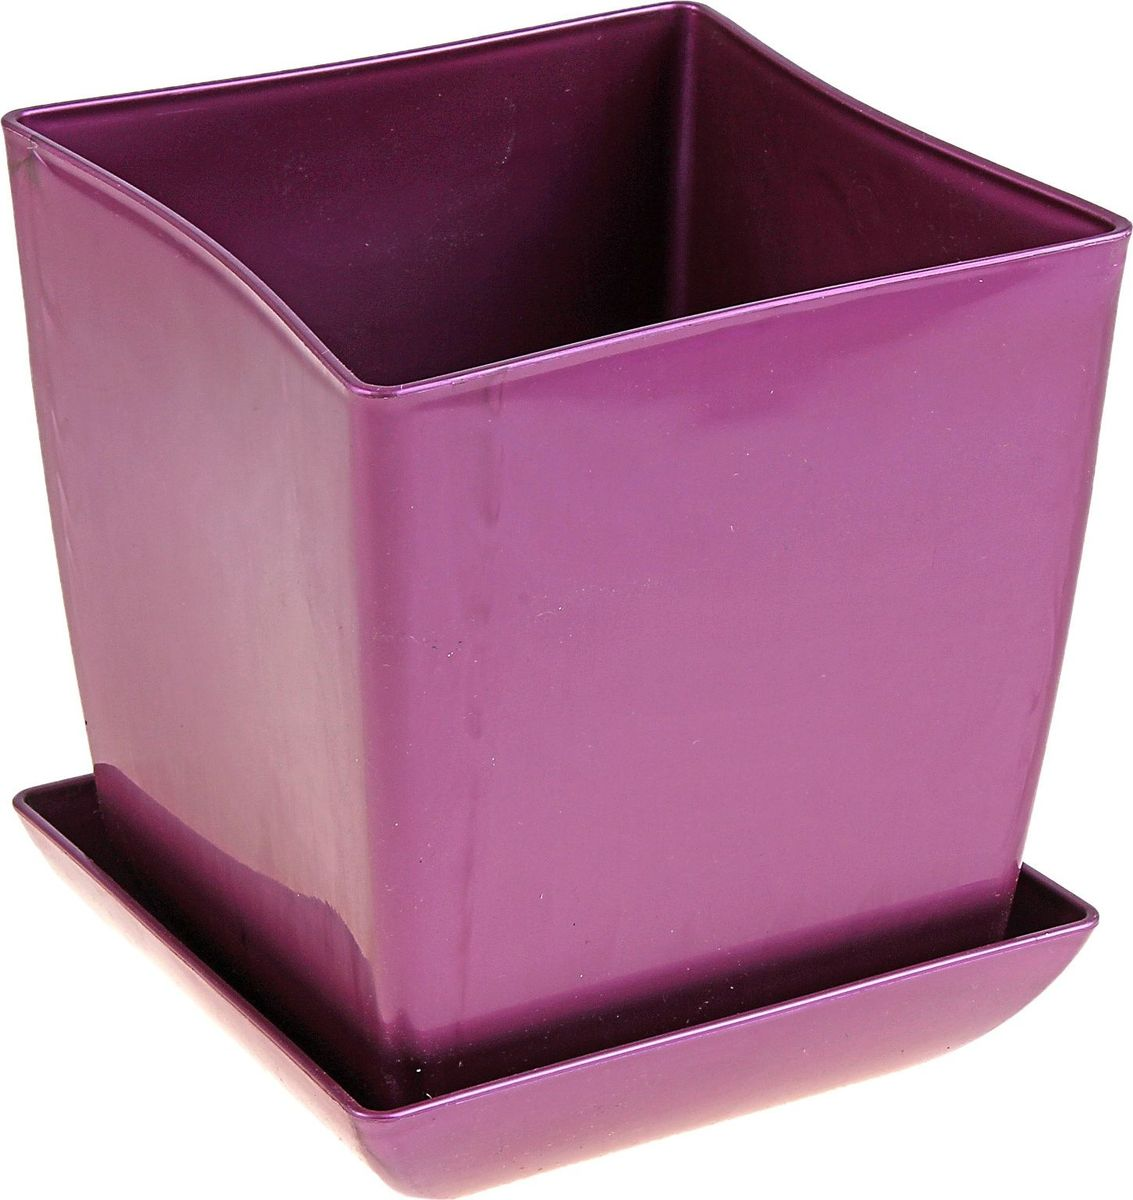 Горшок для цветов Мегапласт Квадрат, с поддоном, цвет: фиолетовый, 3,5 л624955Любой, даже самый современный и продуманный интерьер будет не завершенным без растений. Они не только очищают воздух и насыщают его кислородом, но и заметно украшают окружающее пространство. Такому полезному члену семьи просто необходимо красивое и функциональное кашпо, оригинальный горшок или необычная ваза! Мы предлагаем - Горшок для цветов с поддоном 16х16 см Квадрат 3,5 л, цвет фиолетовый! Оптимальный выбор материала - это пластмасса! Почему мы так считаем? Малый вес. С легкостью переносите горшки и кашпо с места на место, ставьте их на столики или полки, подвешивайте под потолок, не беспокоясь о нагрузке. Простота ухода. Пластиковые изделия не нуждаются в специальных условиях хранения. Их легко чистить достаточно просто сполоснуть теплой водой. Никаких царапин. Пластиковые кашпо не царапают и не загрязняют поверхности, на которых стоят. Пластик дольше хранит влагу, а значит растение реже нуждается в поливе. Пластмасса не пропускает воздух корневой системе растения не грозят резкие перепады температур. Огромный выбор форм, декора и расцветок вы без труда подберете что-то, что идеально впишется в уже существующий интерьер. Соблюдая нехитрые правила ухода, вы можете заметно продлить срок службы горшков, вазонов и кашпо из пластика: всегда учитывайте размер кроны и корневой системы растения (при разрастании большое растение способно повредить маленький горшок) берегите изделие от воздействия прямых солнечных лучей, чтобы кашпо и горшки не выцветали держите кашпо и горшки из пластика подальше от нагревающихся поверхностей. Создавайте прекрасные цветочные композиции, выращивайте рассаду или необычные растения, а низкие цены позволят вам не ограничивать себя в выборе.